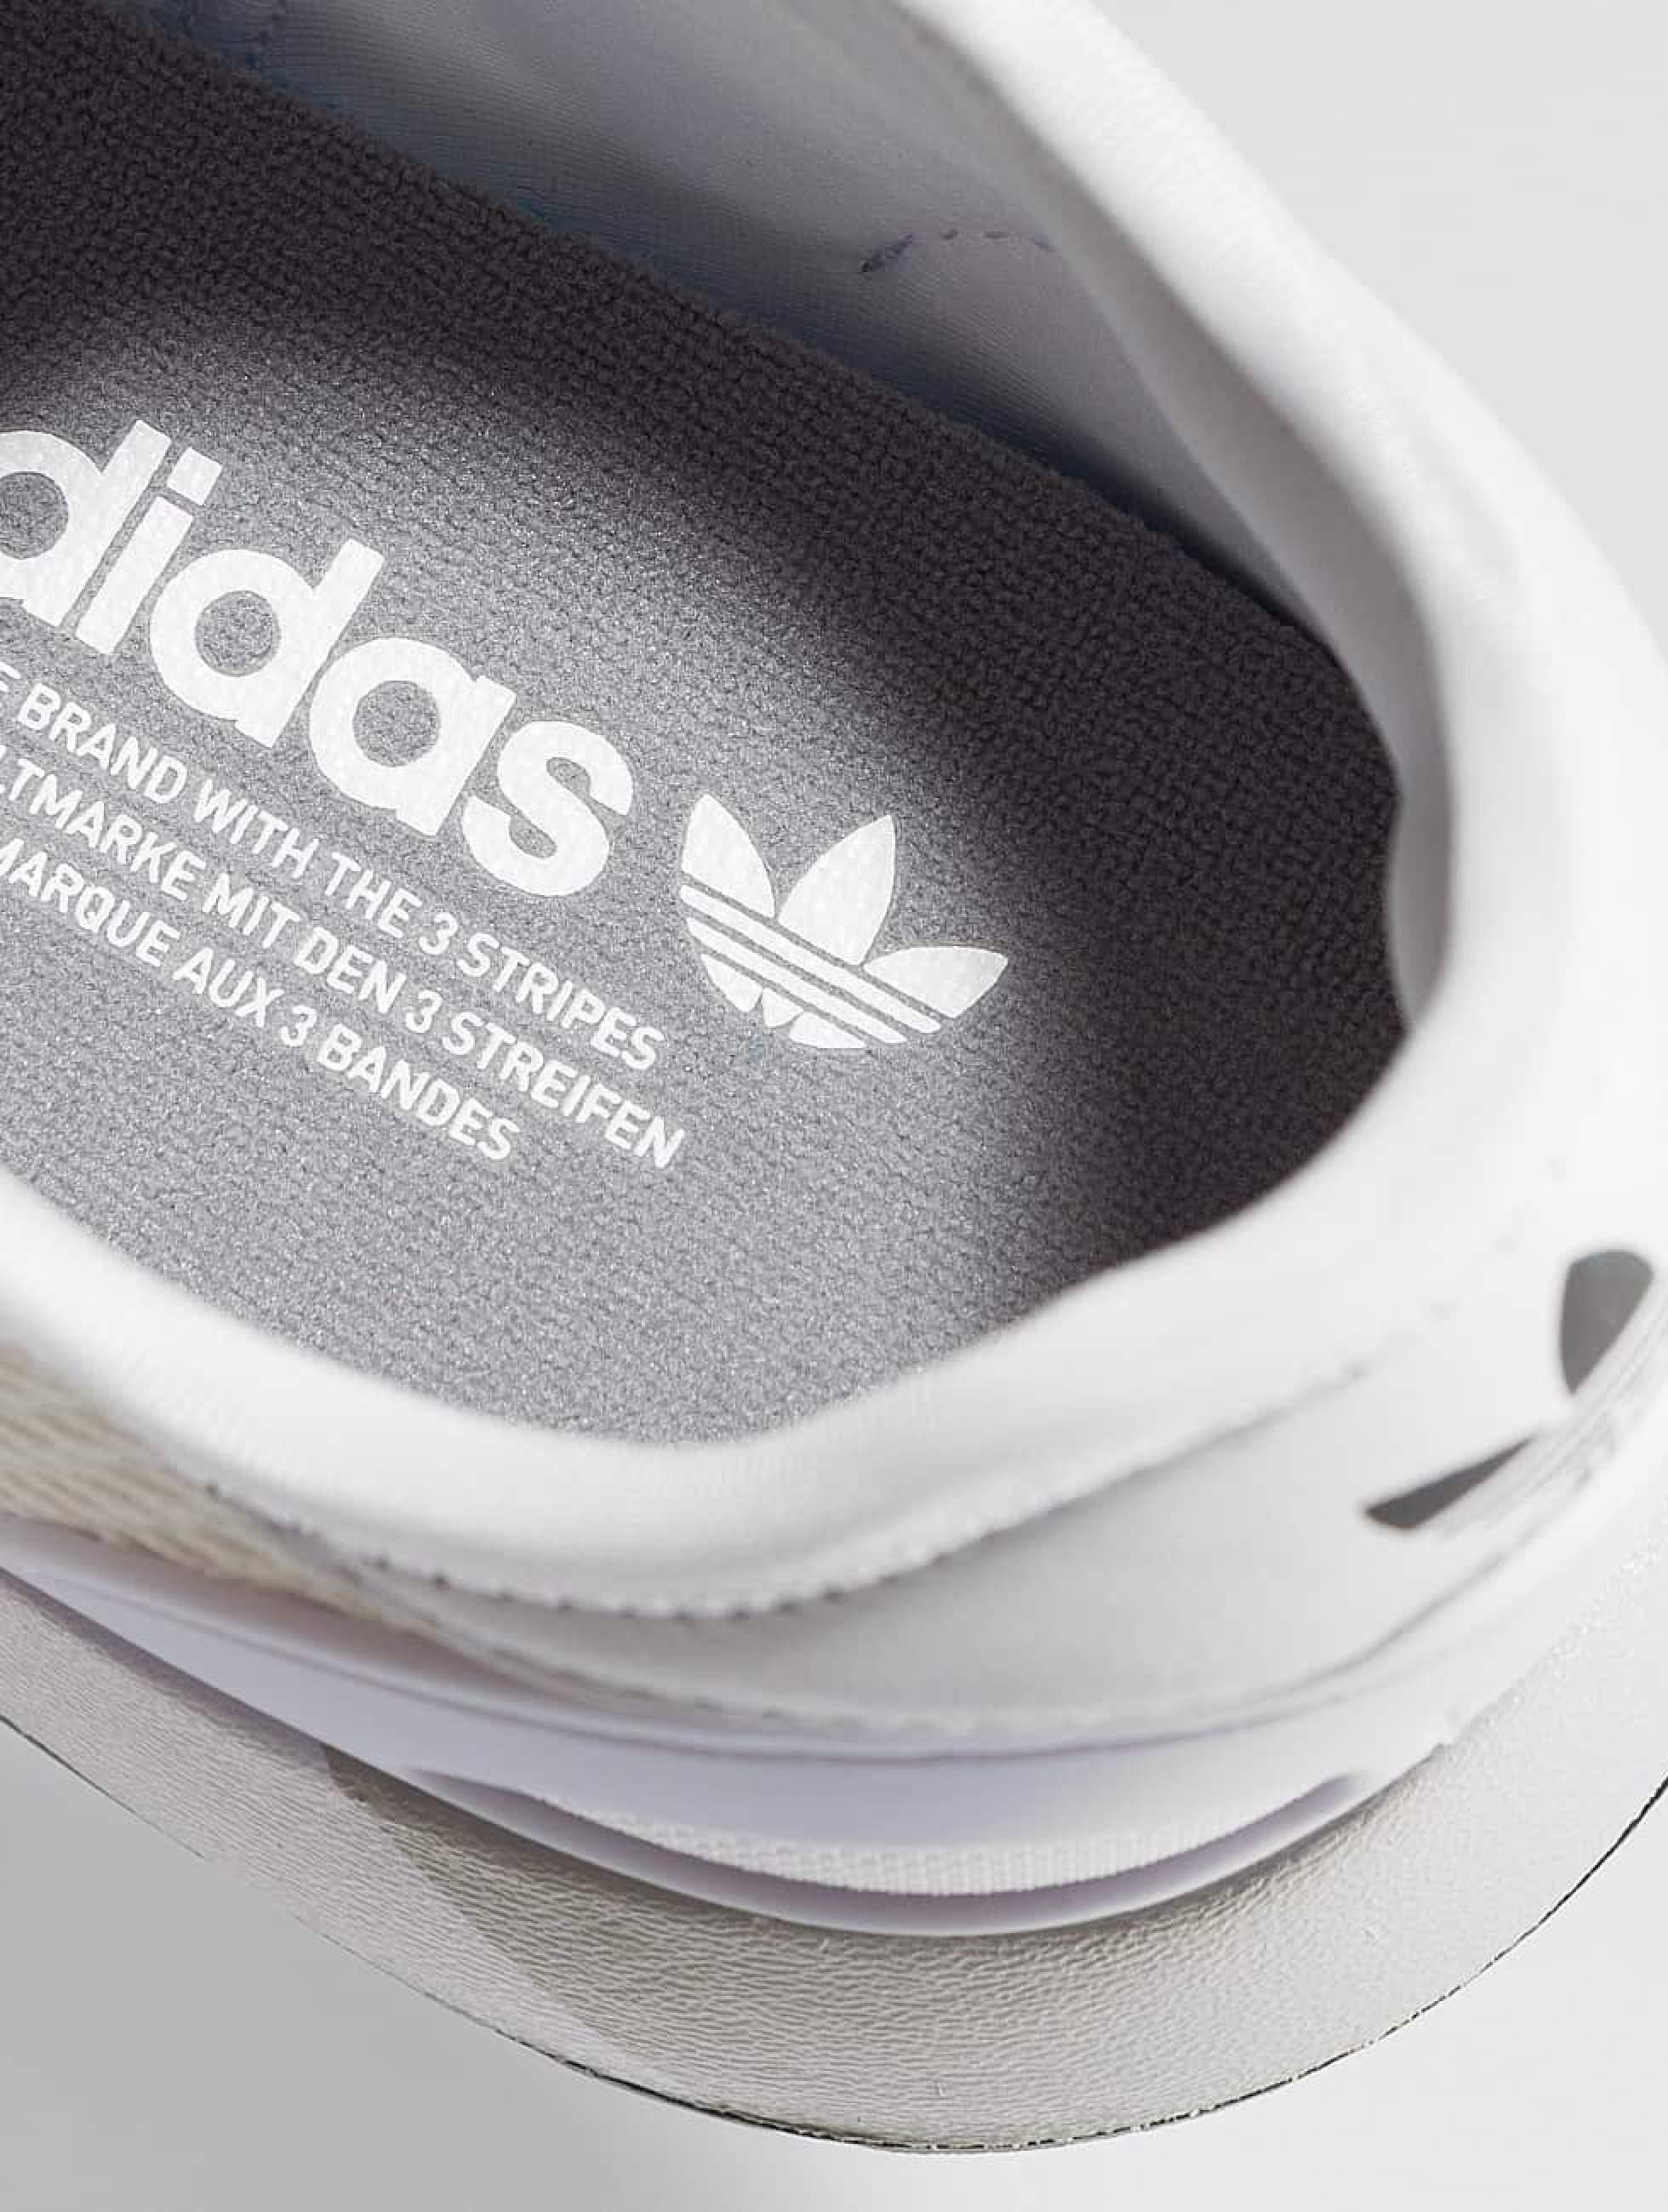 Adidas / originals Herren Schuhe / Adidas Sneaker N-5923 Runner CLS 2e5fee